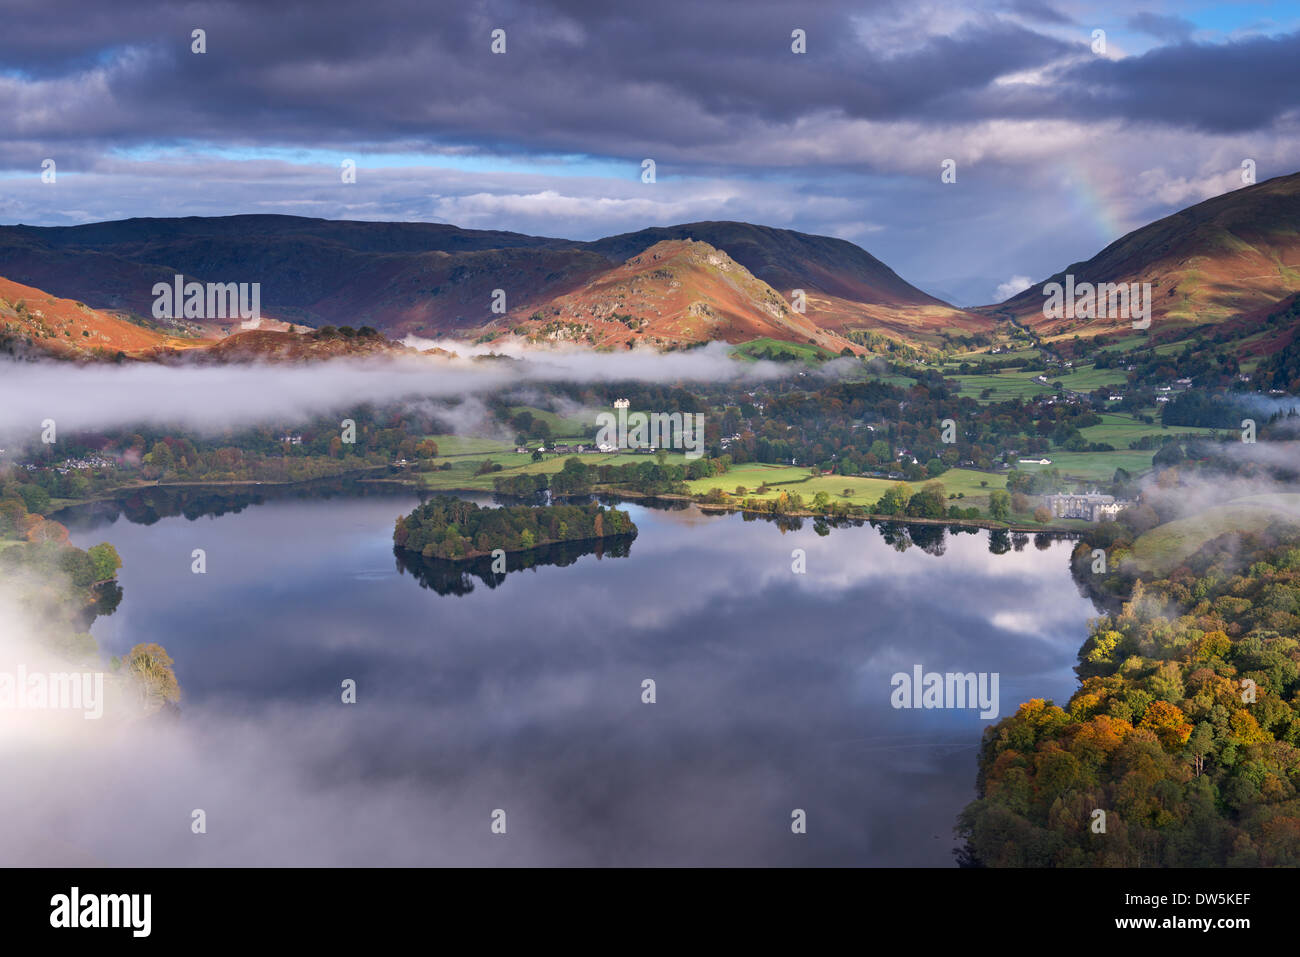 Mist burns depuis le lac Grasmere en début de matinée, Lake District, Cumbria, Angleterre. L'automne (octobre) 2012. Banque D'Images